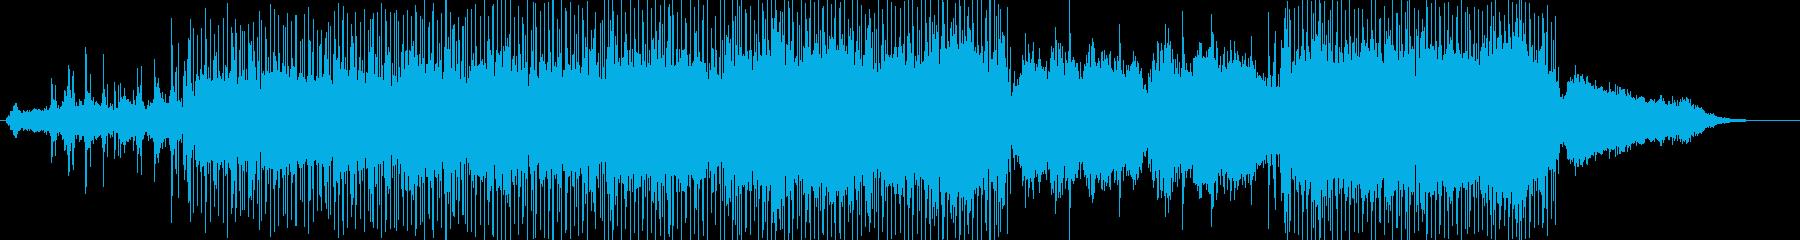 前進感のあるエレクトロニカの再生済みの波形